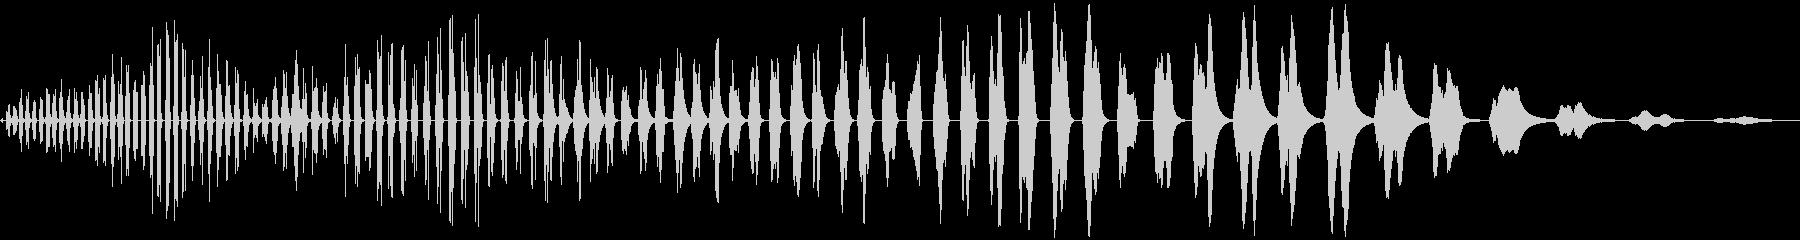 ダウンダウンザップの未再生の波形